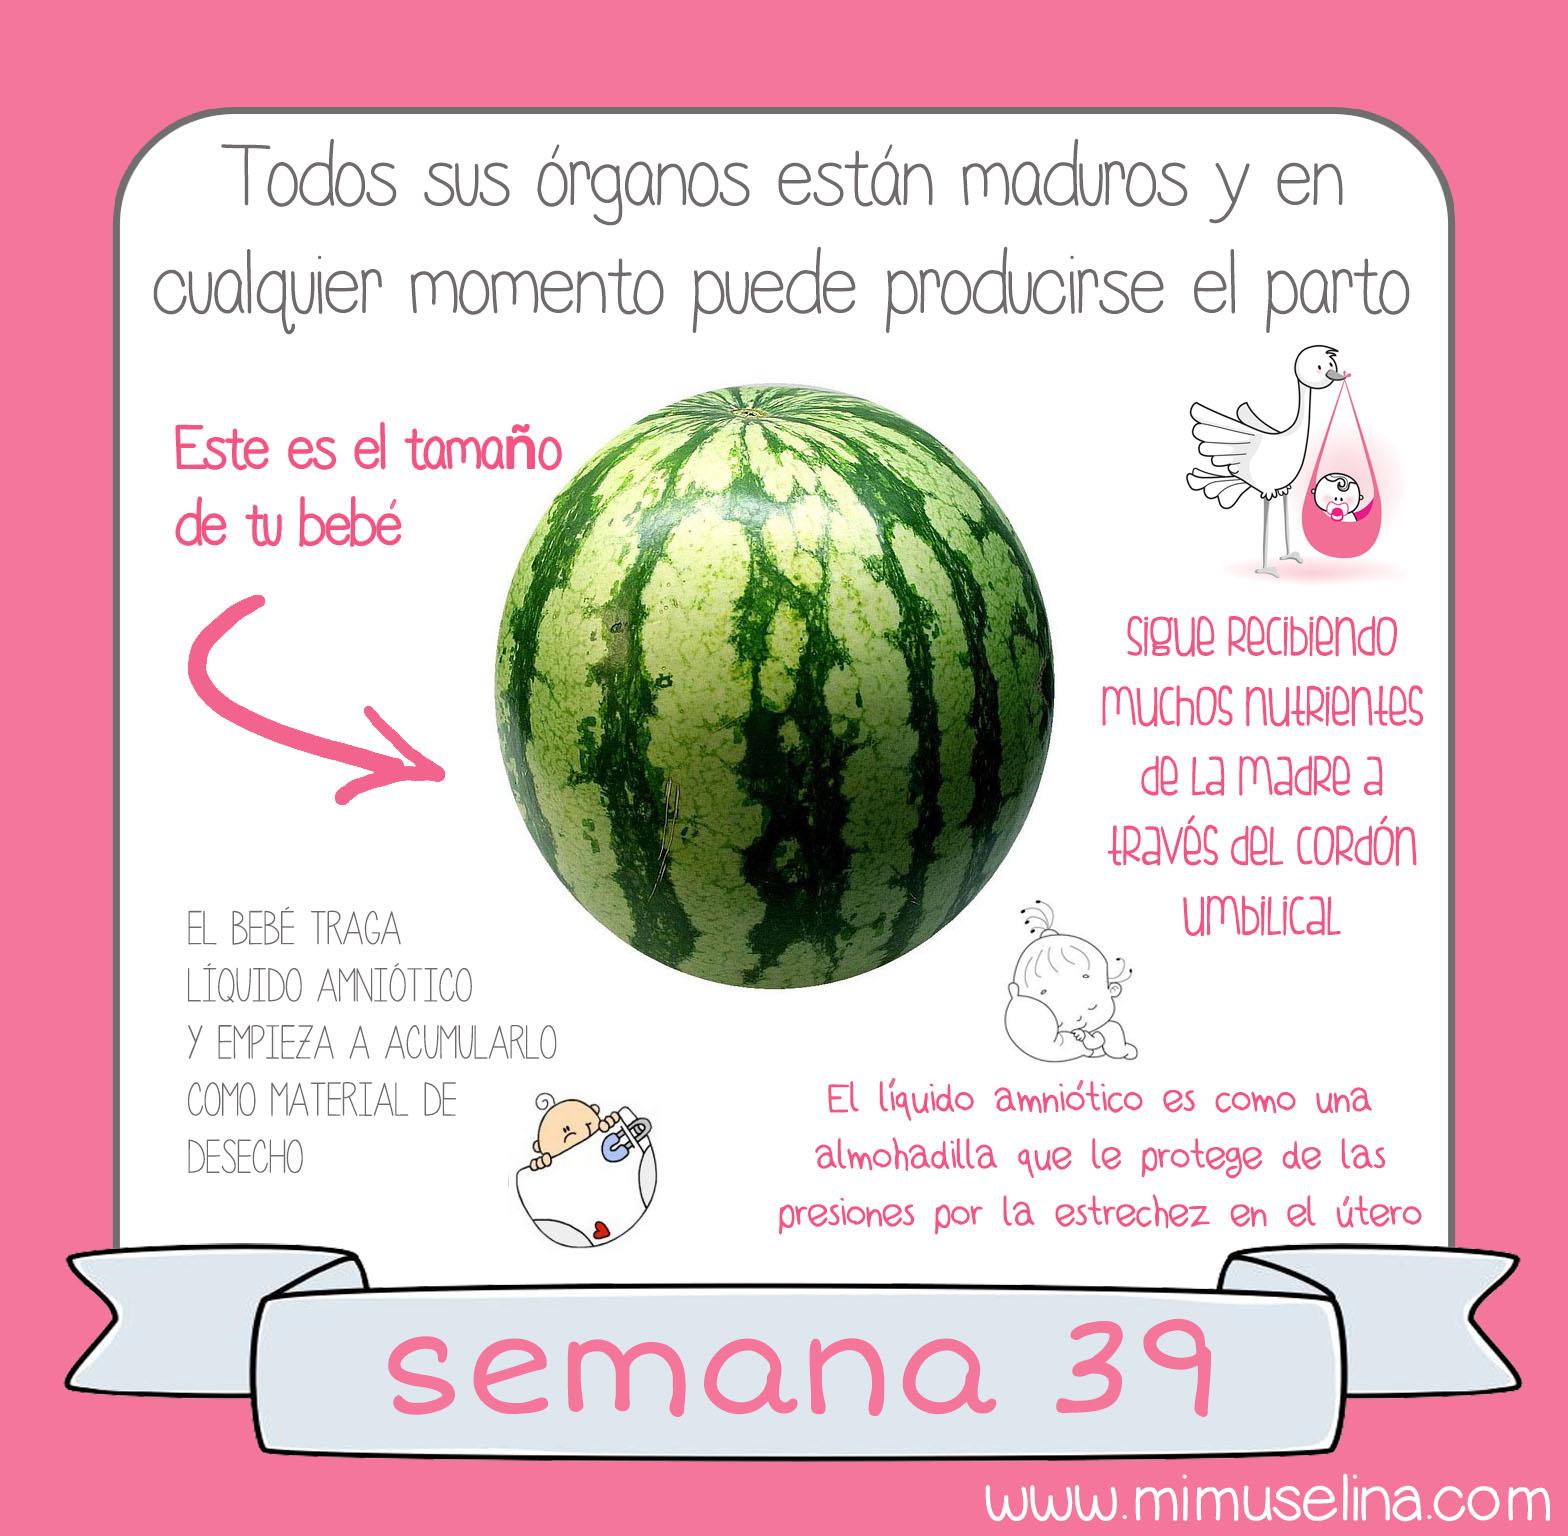 674f24135 BebeBlog by mimuselina  Semana 39 embarazo. Tamaño y evolución del ...